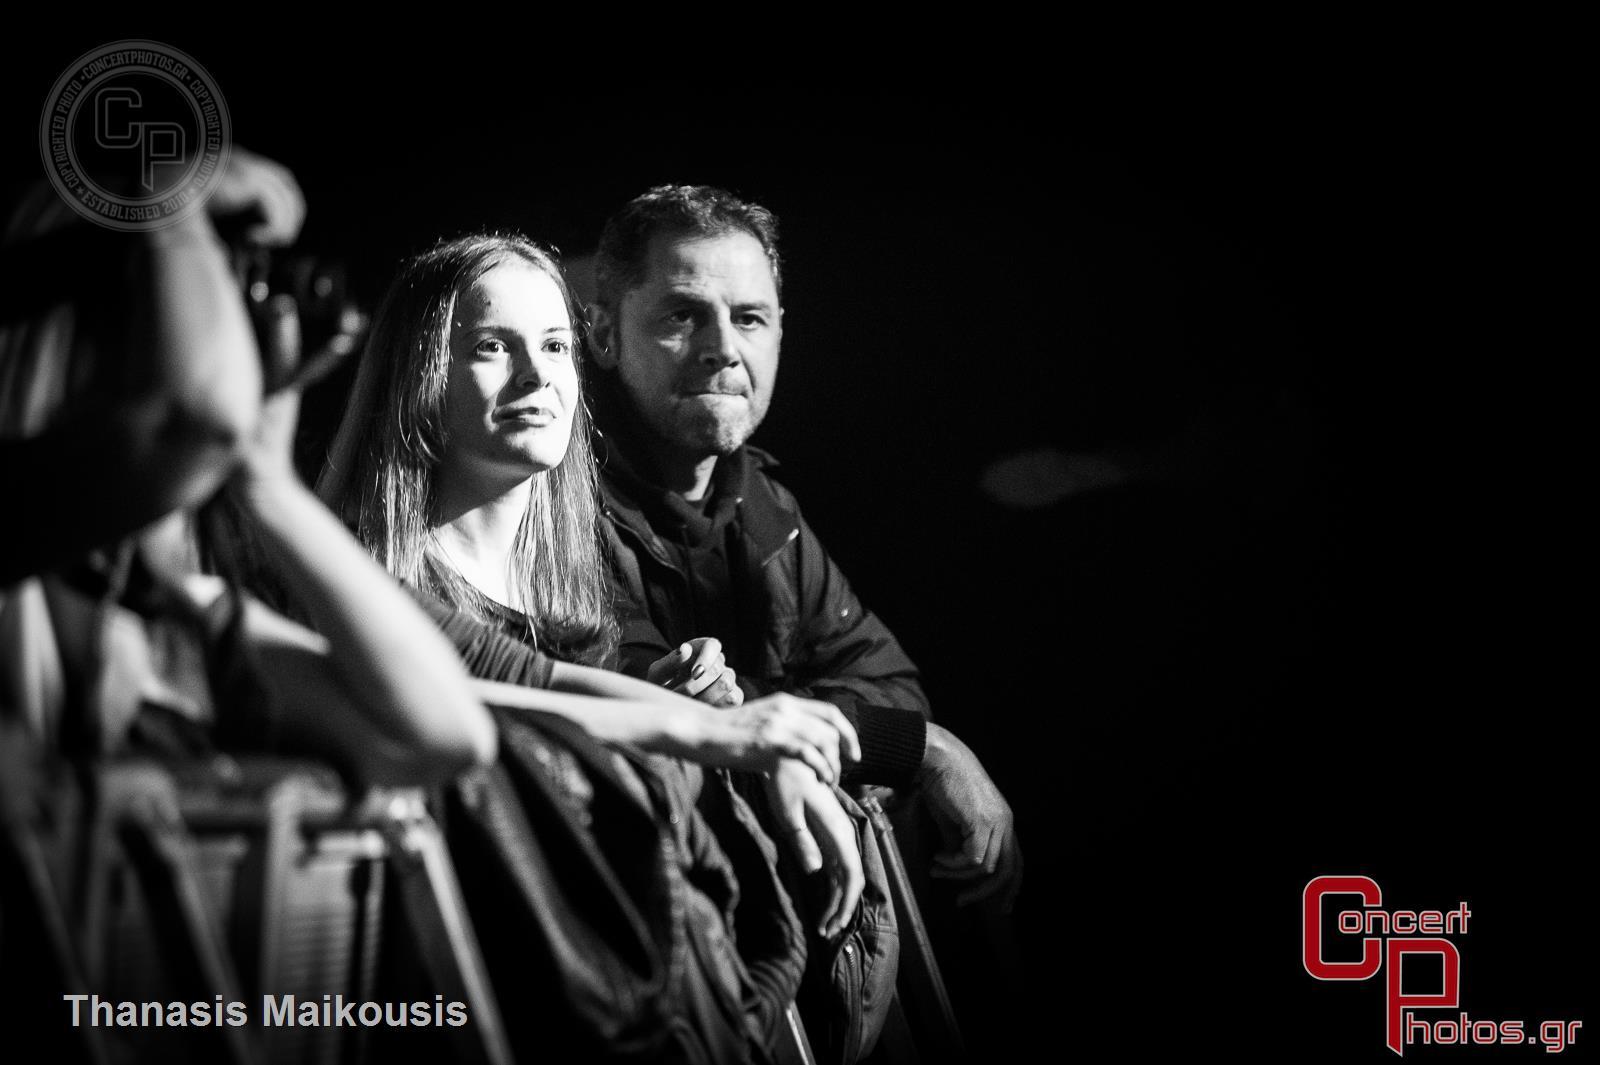 Stereo Mc's-Stereo Mcs photographer: Thanasis Maikousis - ConcertPhotos - 20141129_2319_01